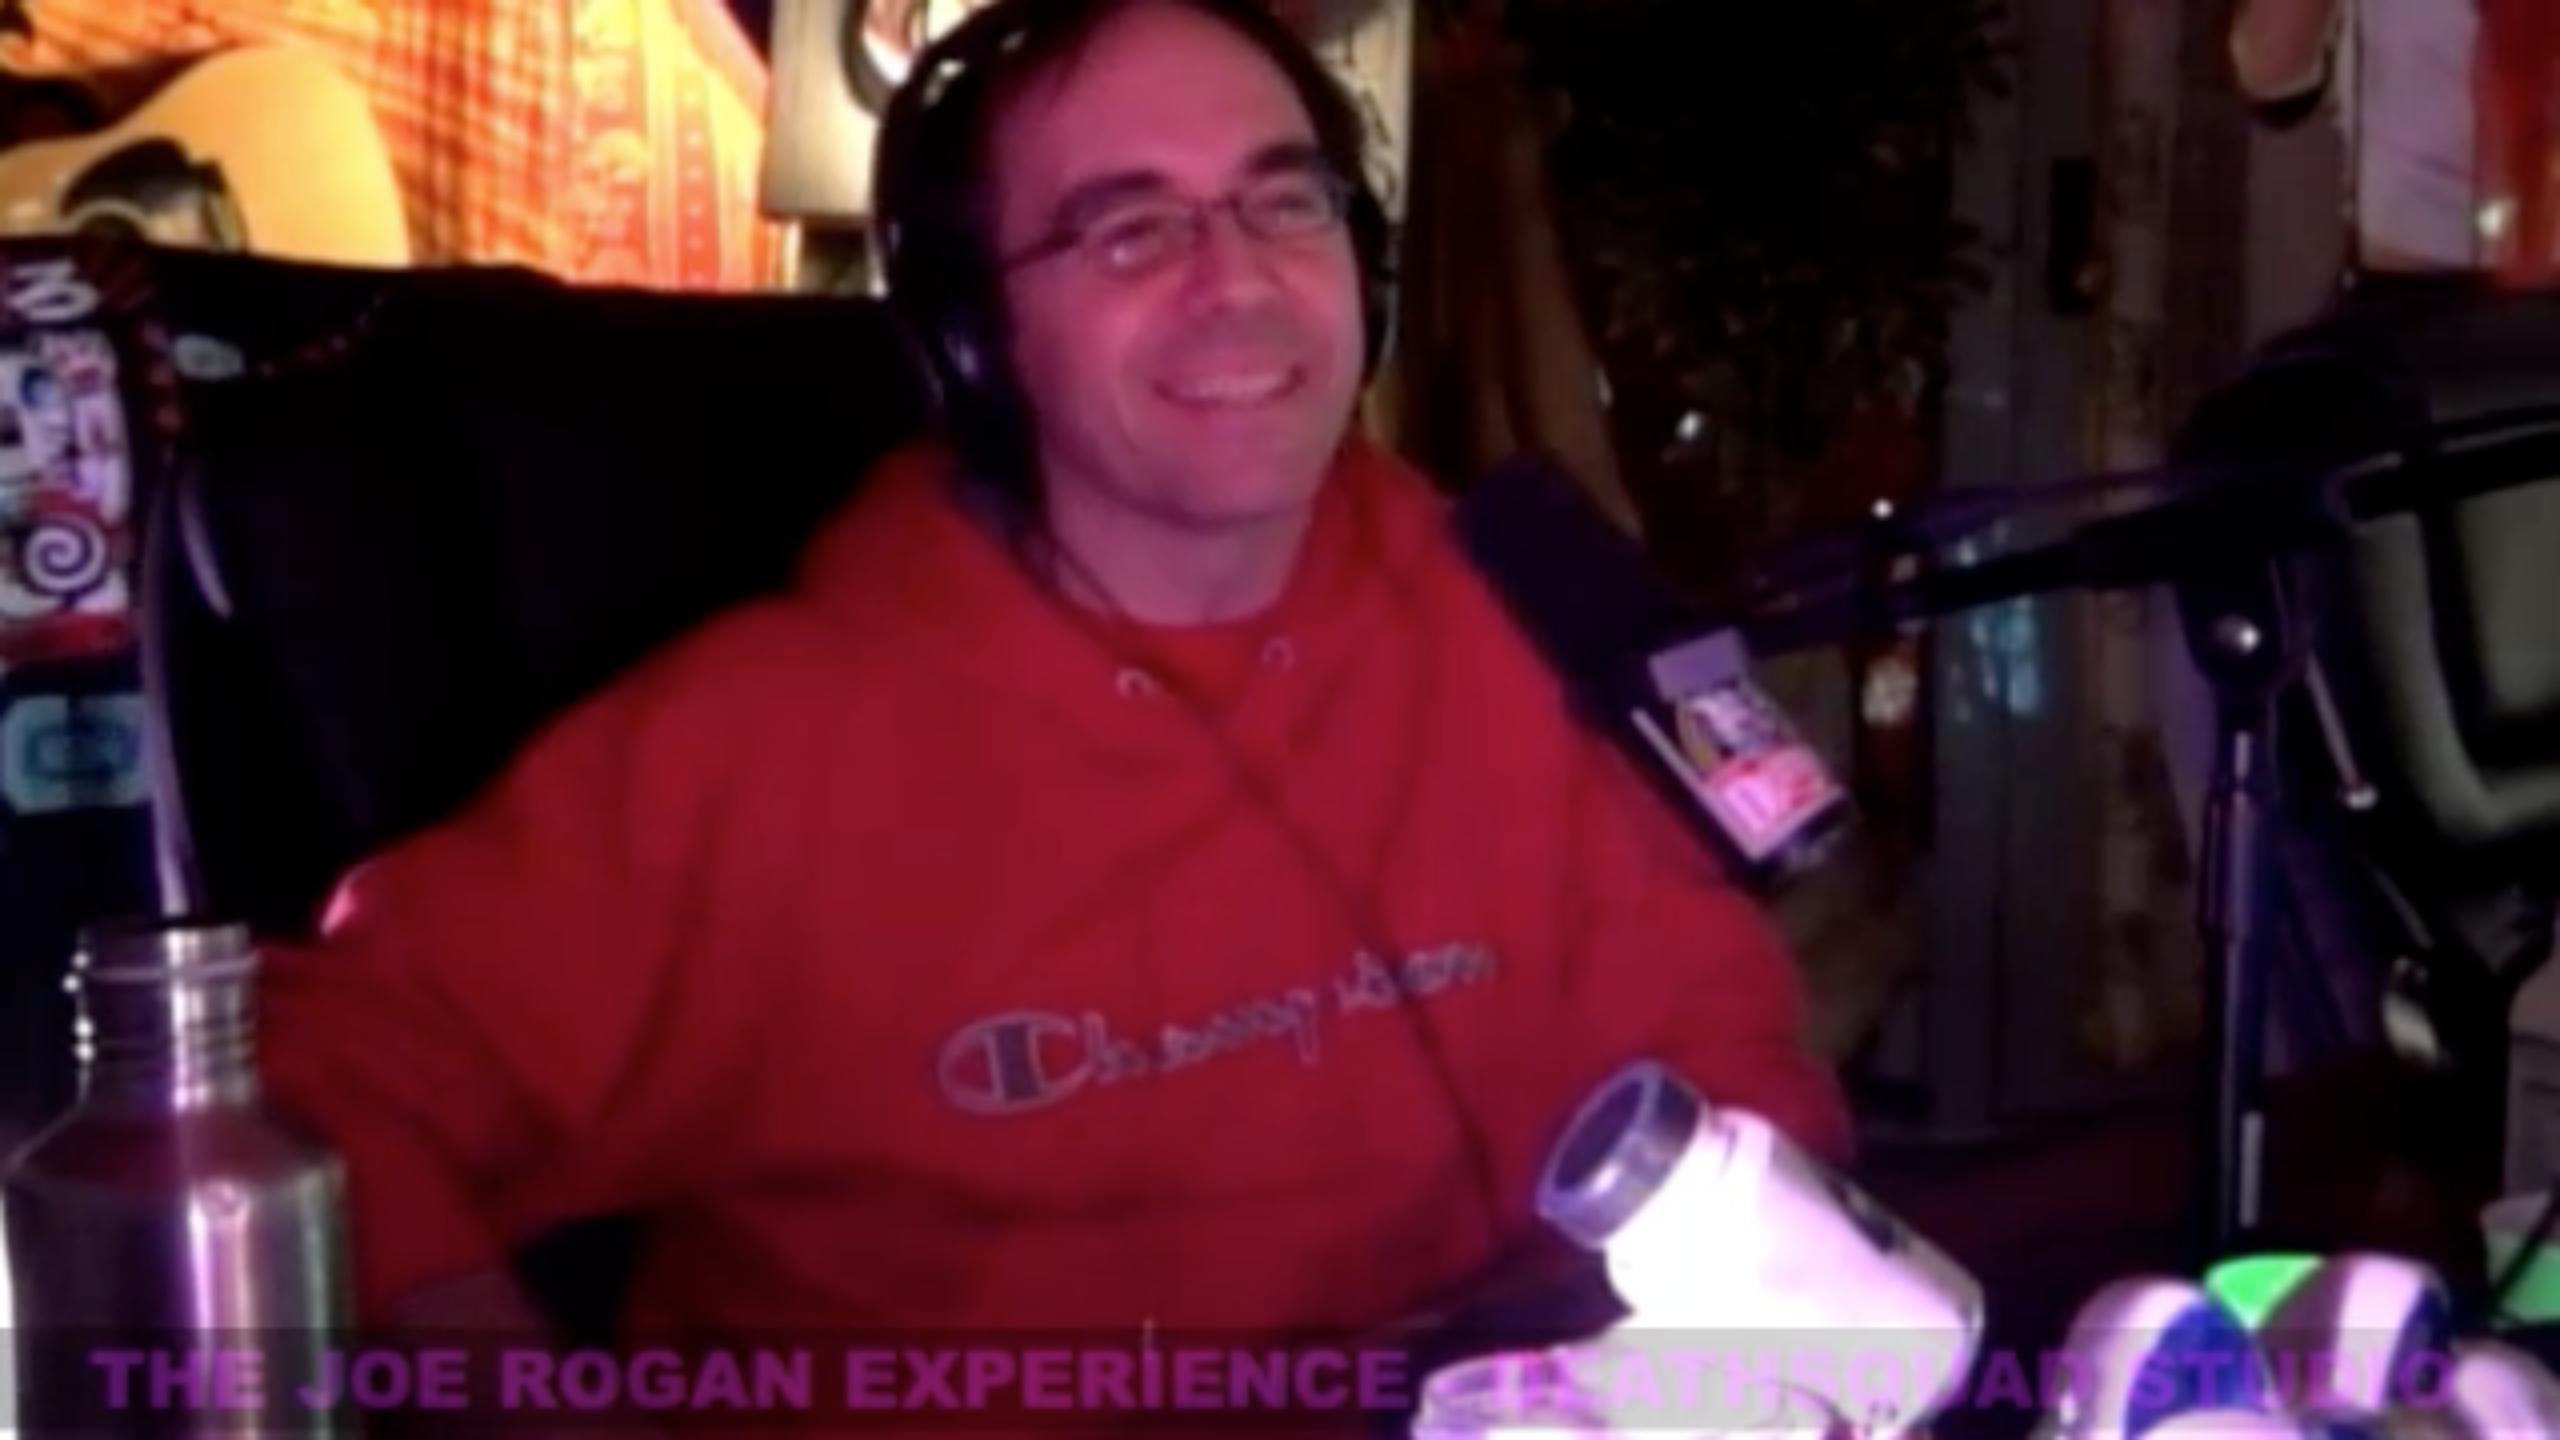 The Joe Rogan Experience #286 - Daniele Bolelli, Brian Redban